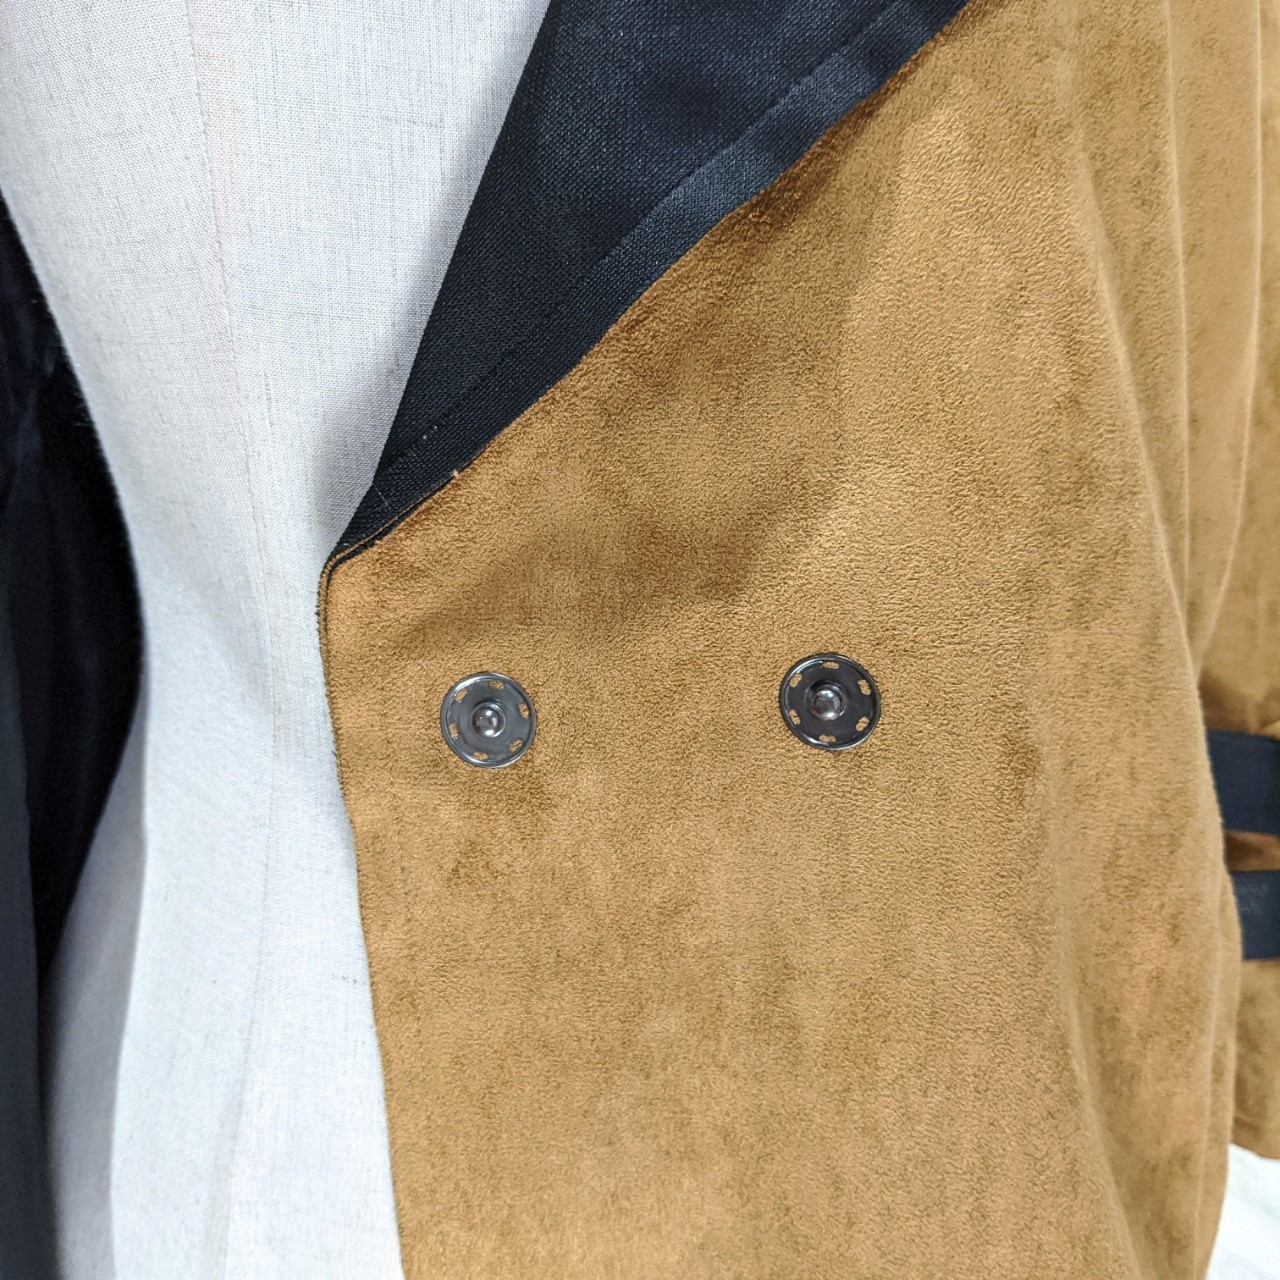 【即納】韓国 ファッション アウター レザージャケット コート 秋 冬 パーティー ブライダル SPTXG910  革ベルト風 エコスエード ジャケット ショート 二次会 セレブ きれいめの写真13枚目